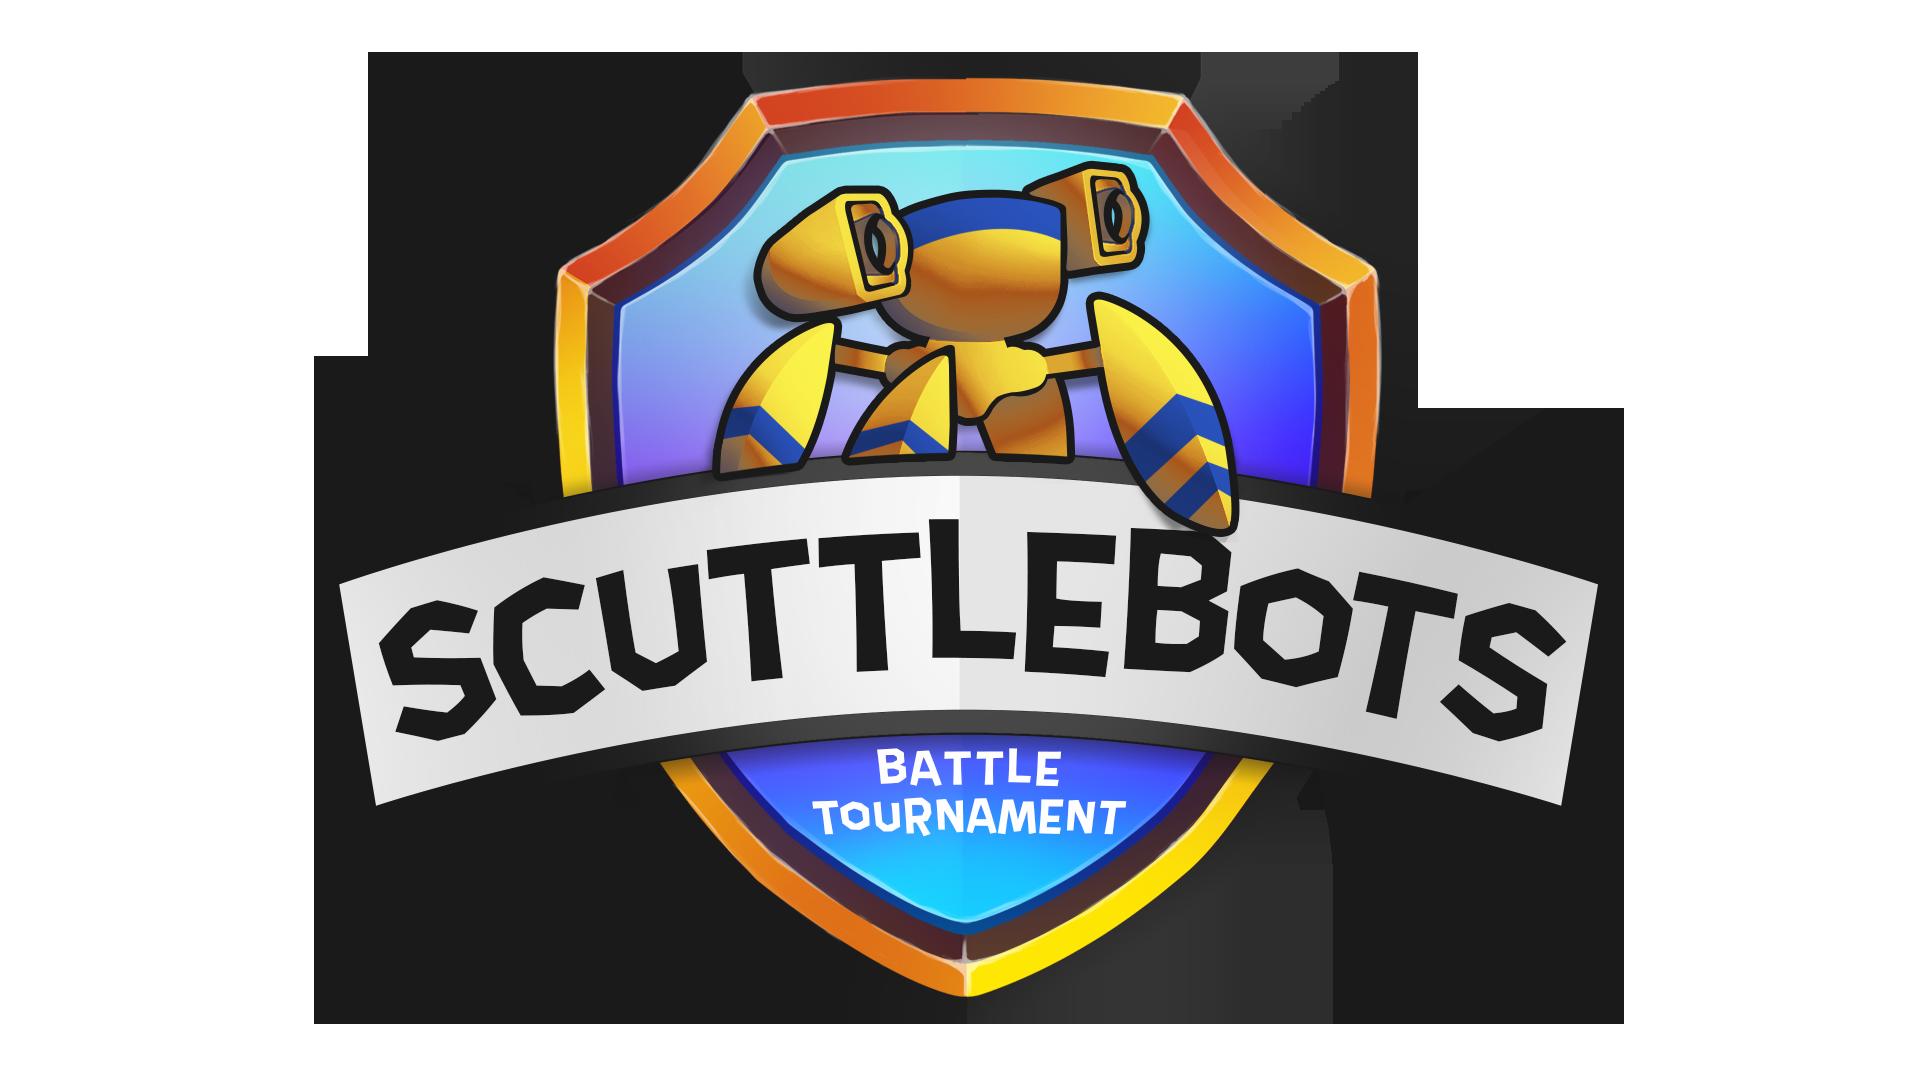 Scuttlebots - Battle Tournament